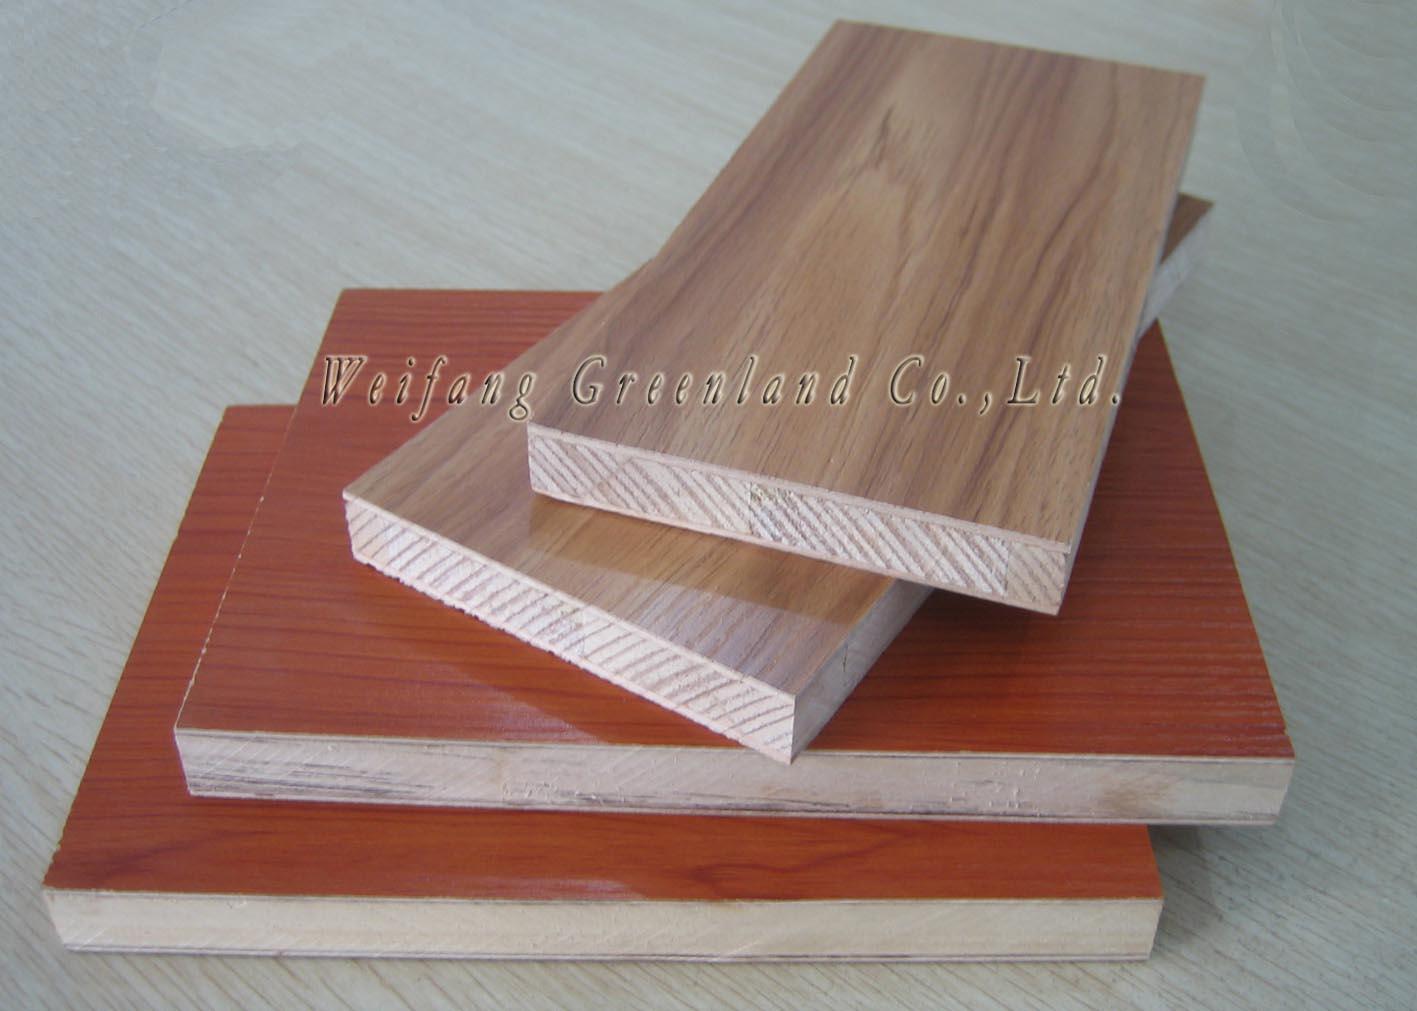 Thkk Block Board 12mm ~ Melamine block board weifang greenland co ltd